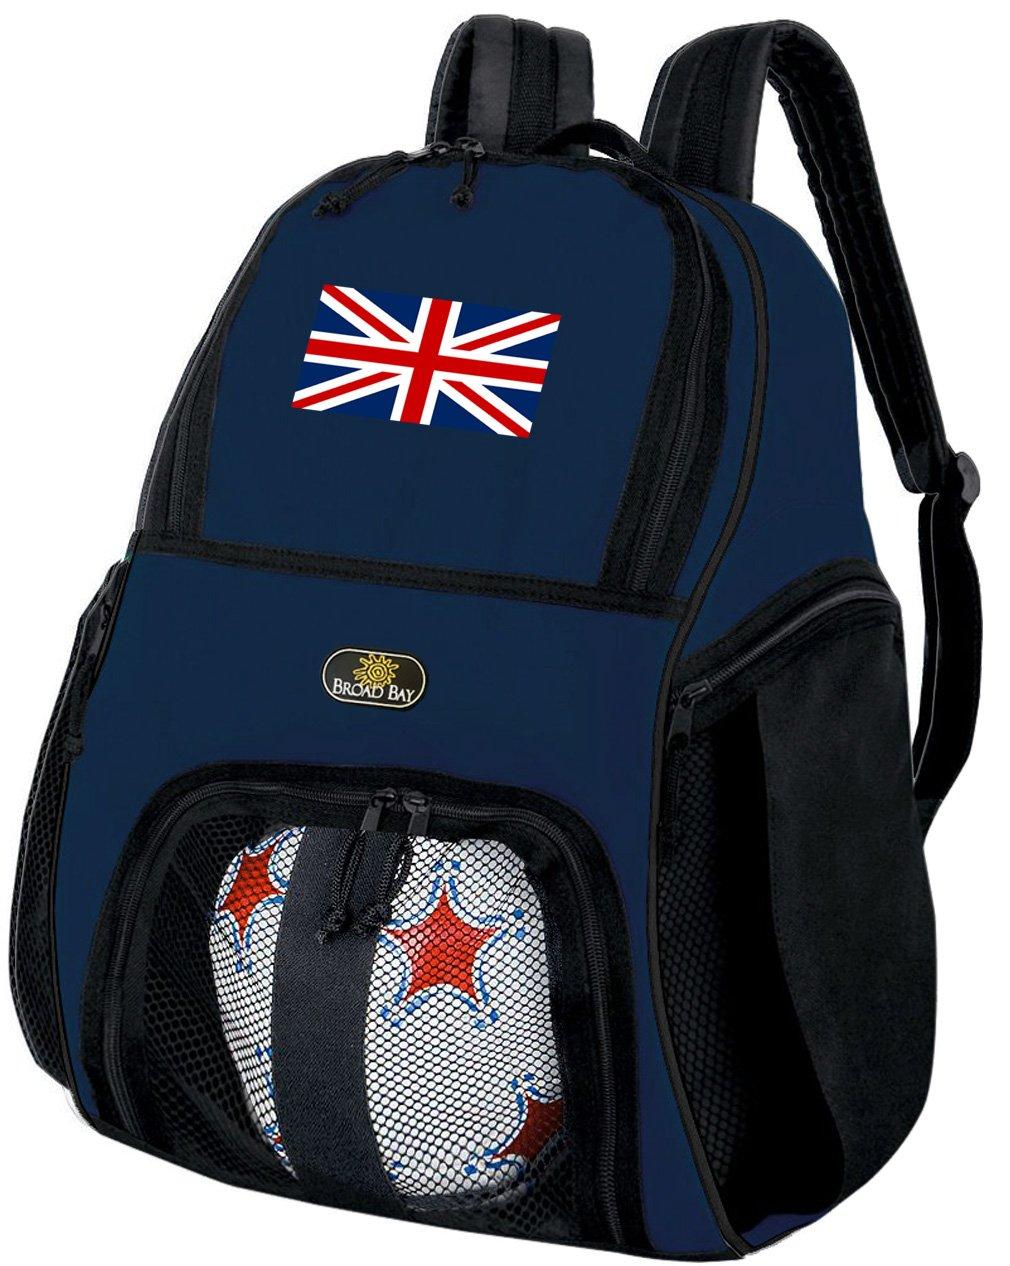 Broad Bay Englandイギリス国旗サッカーバックパックバレーボールバッグネイビー B07CWZ4XS9